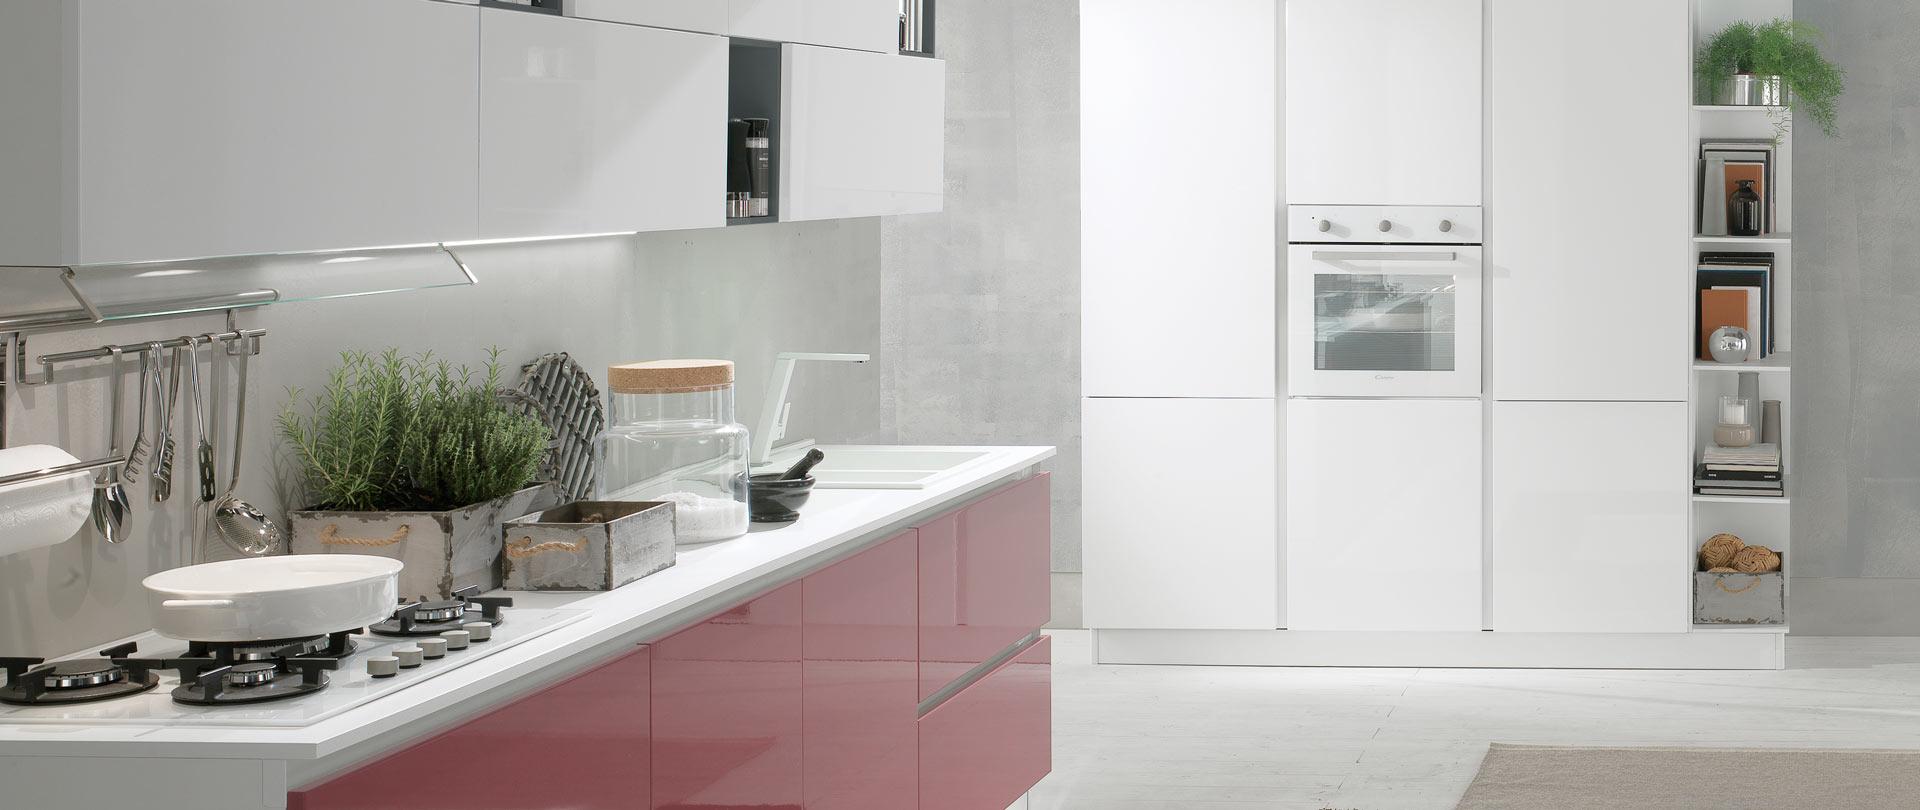 Cucine Moderne Di Lusso, Cucine Moderne Bicolore, Cucine Moderne Bianche E Nere, Cucine Moderne ...